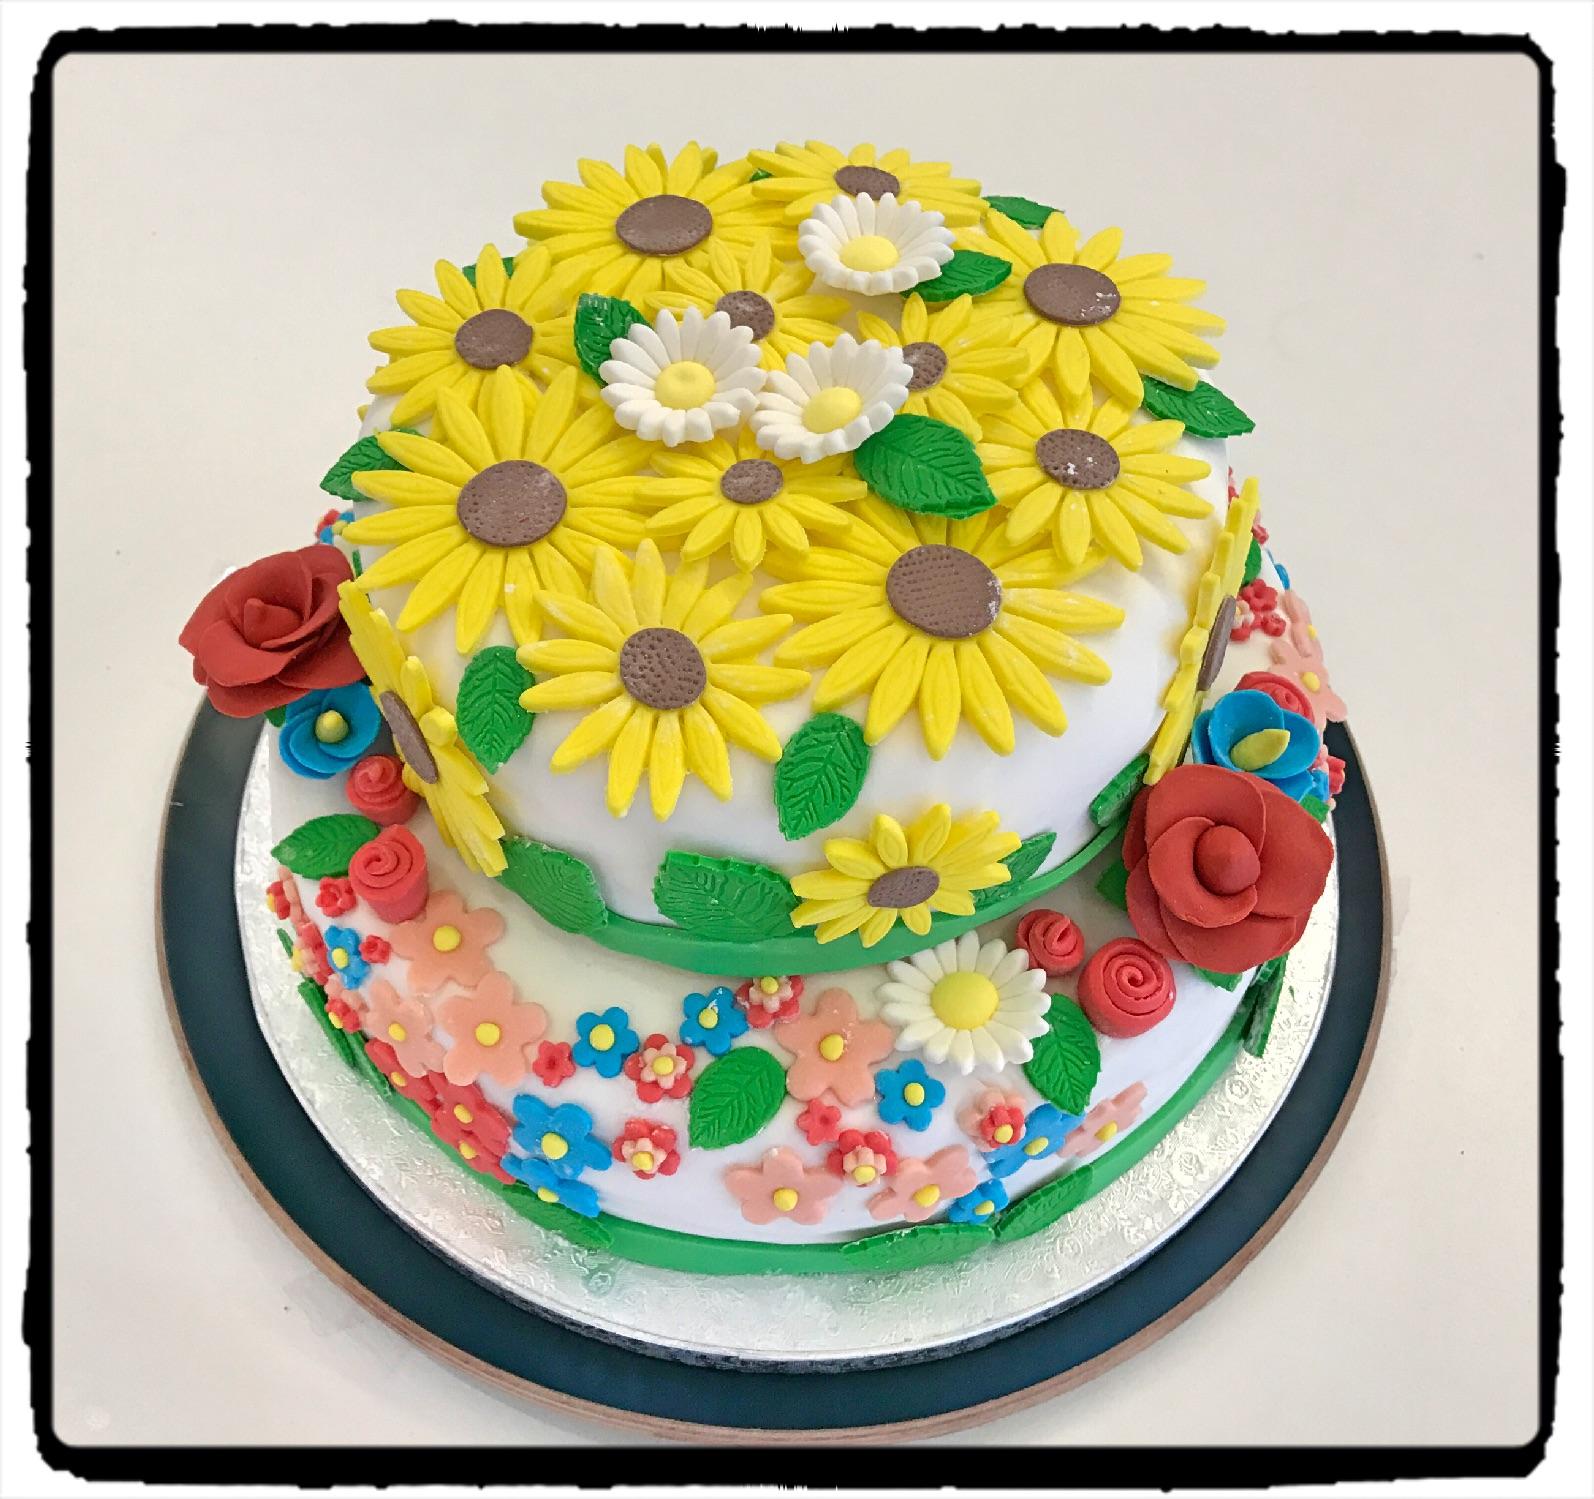 Cake Design Prato : Cucinando con Ele: Cake Decorating - Torta Prato Fiorito